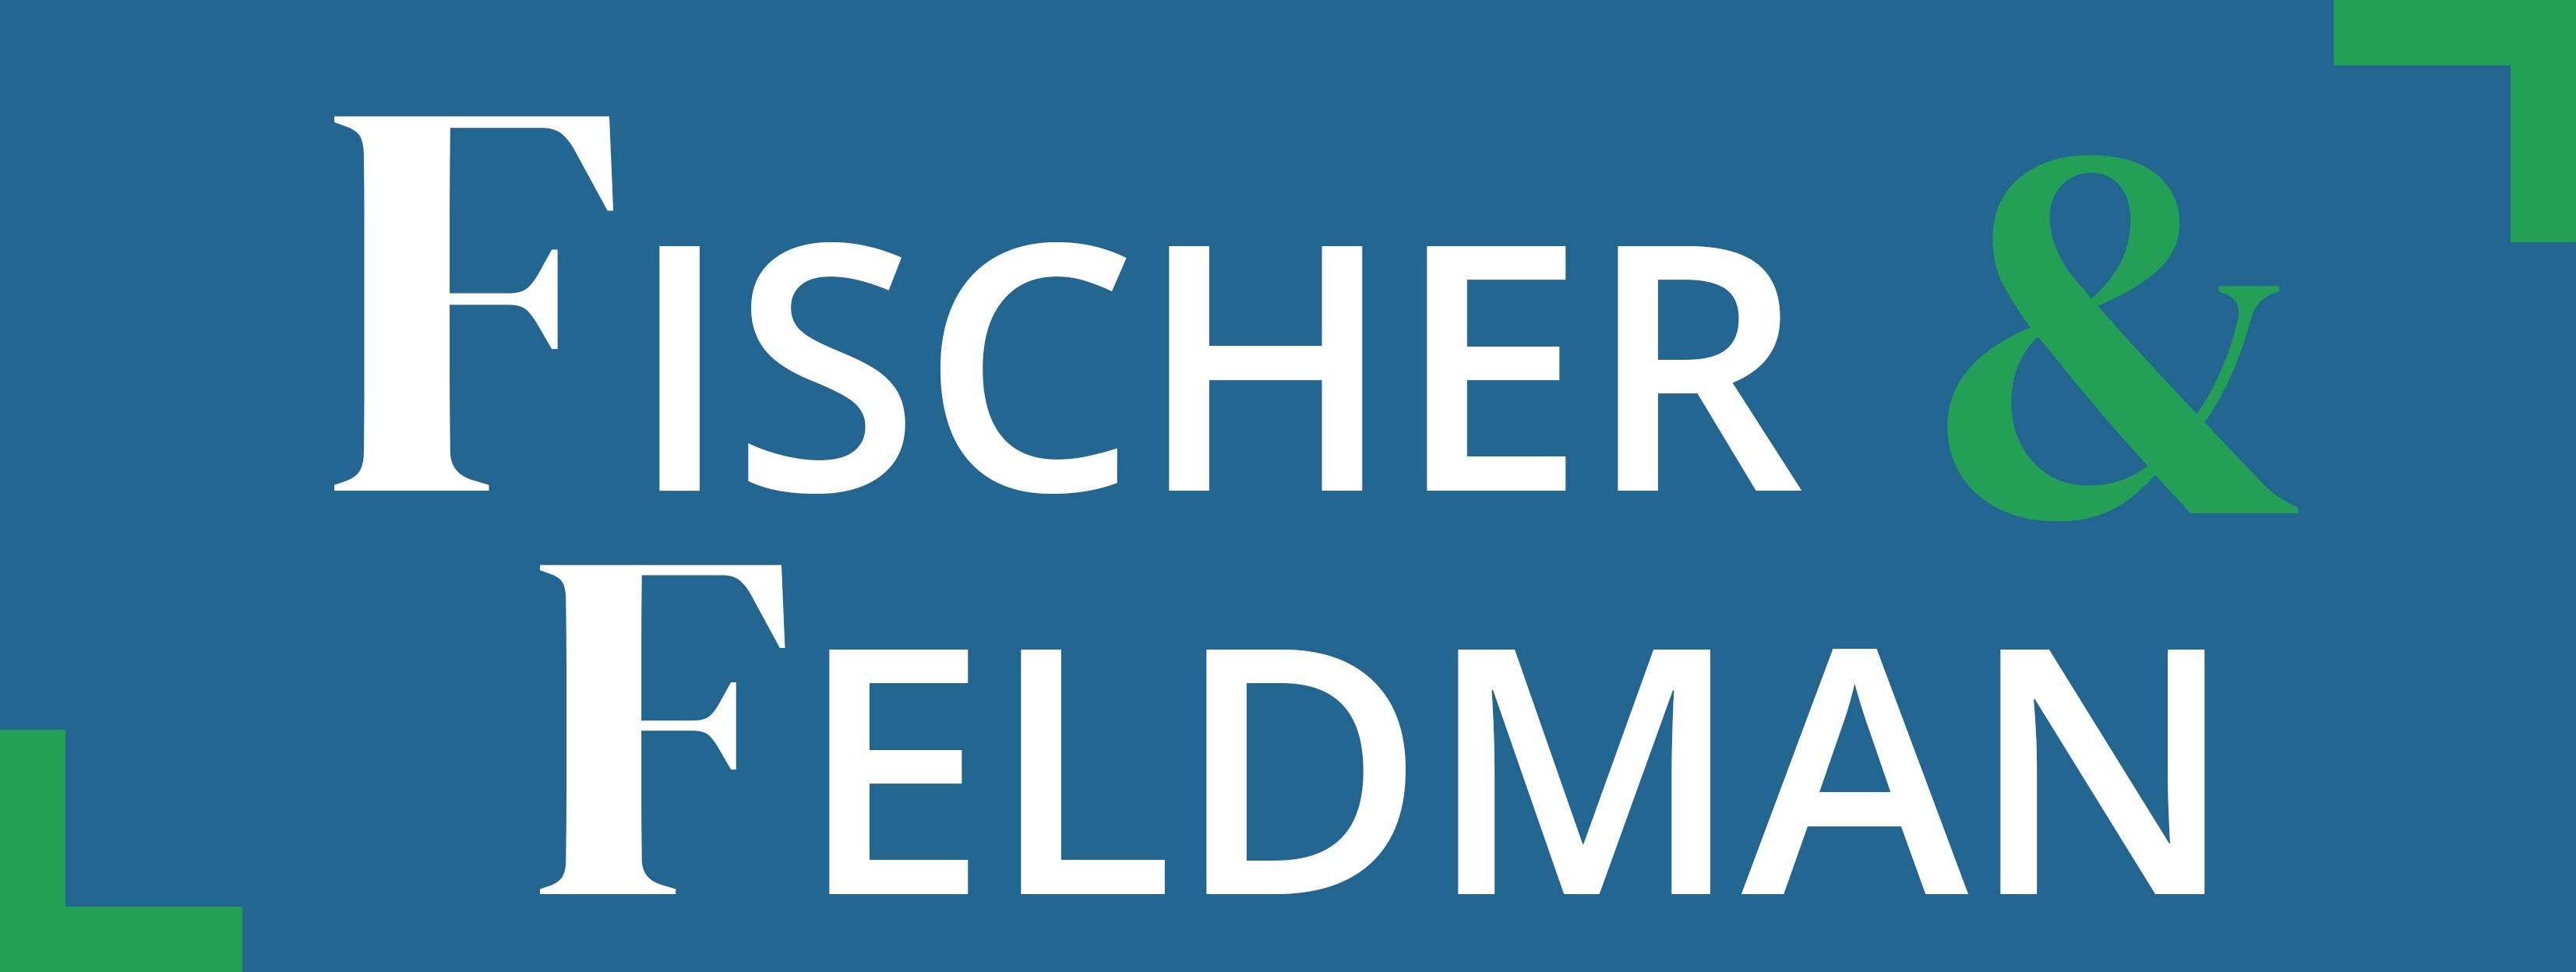 fischer and feldman